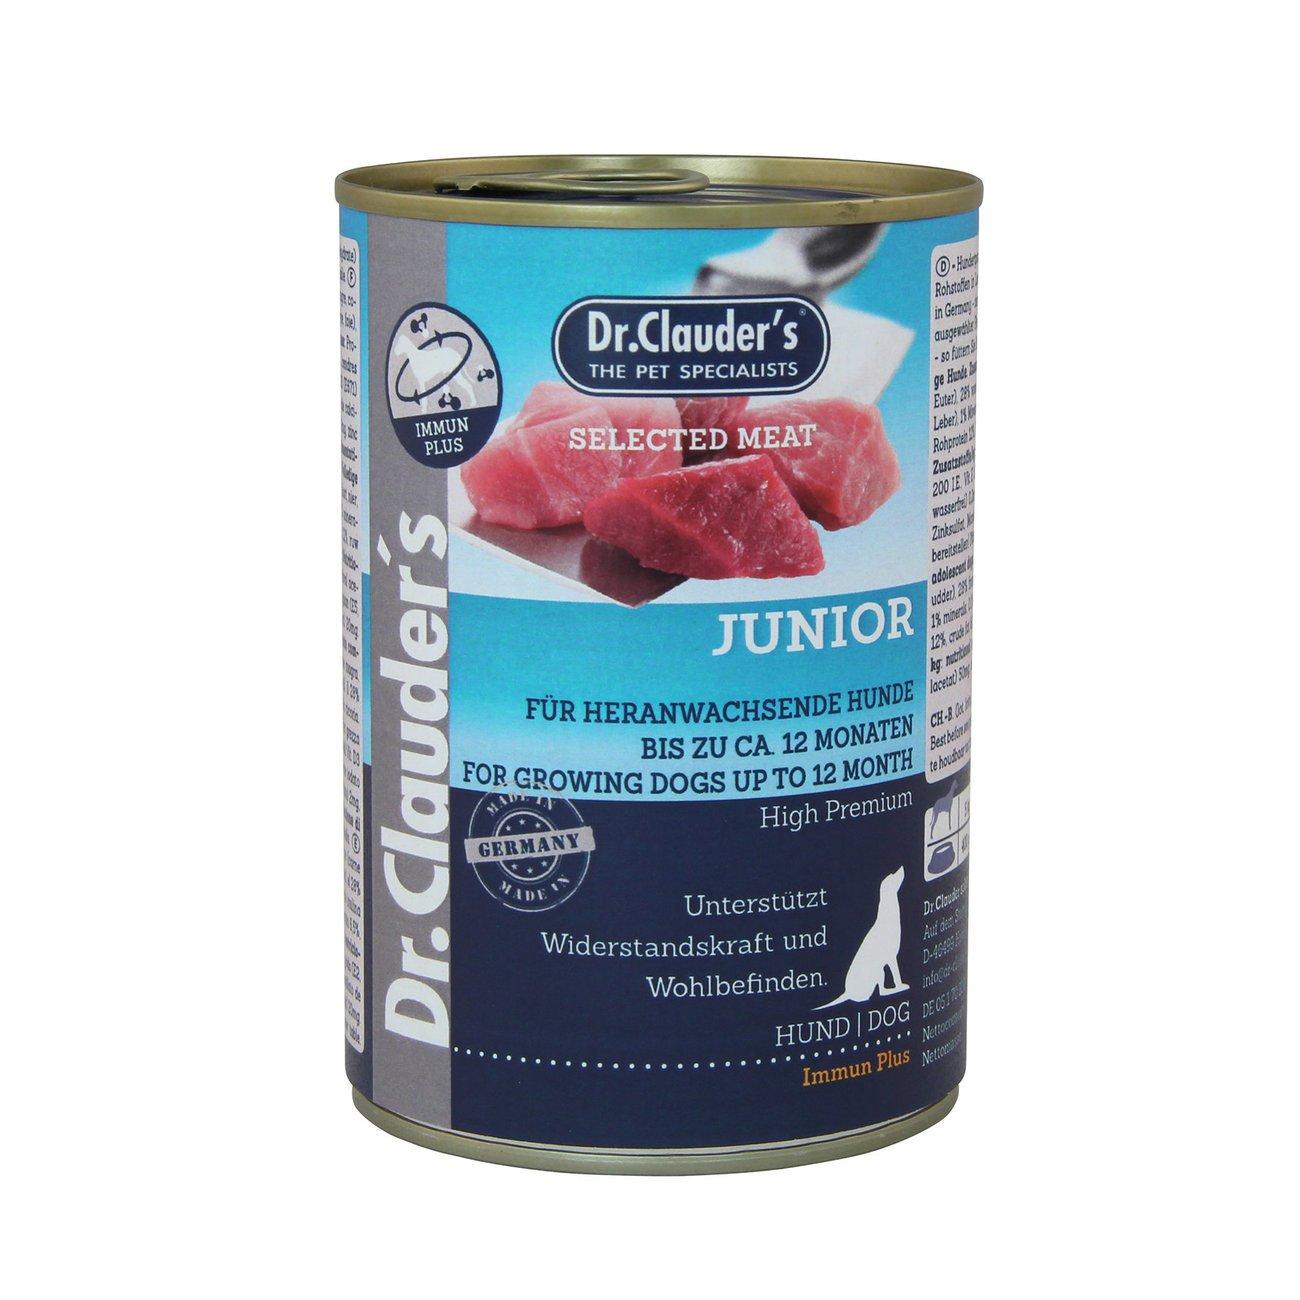 Dr. Clauders Selected Meat Junior Immun Plus